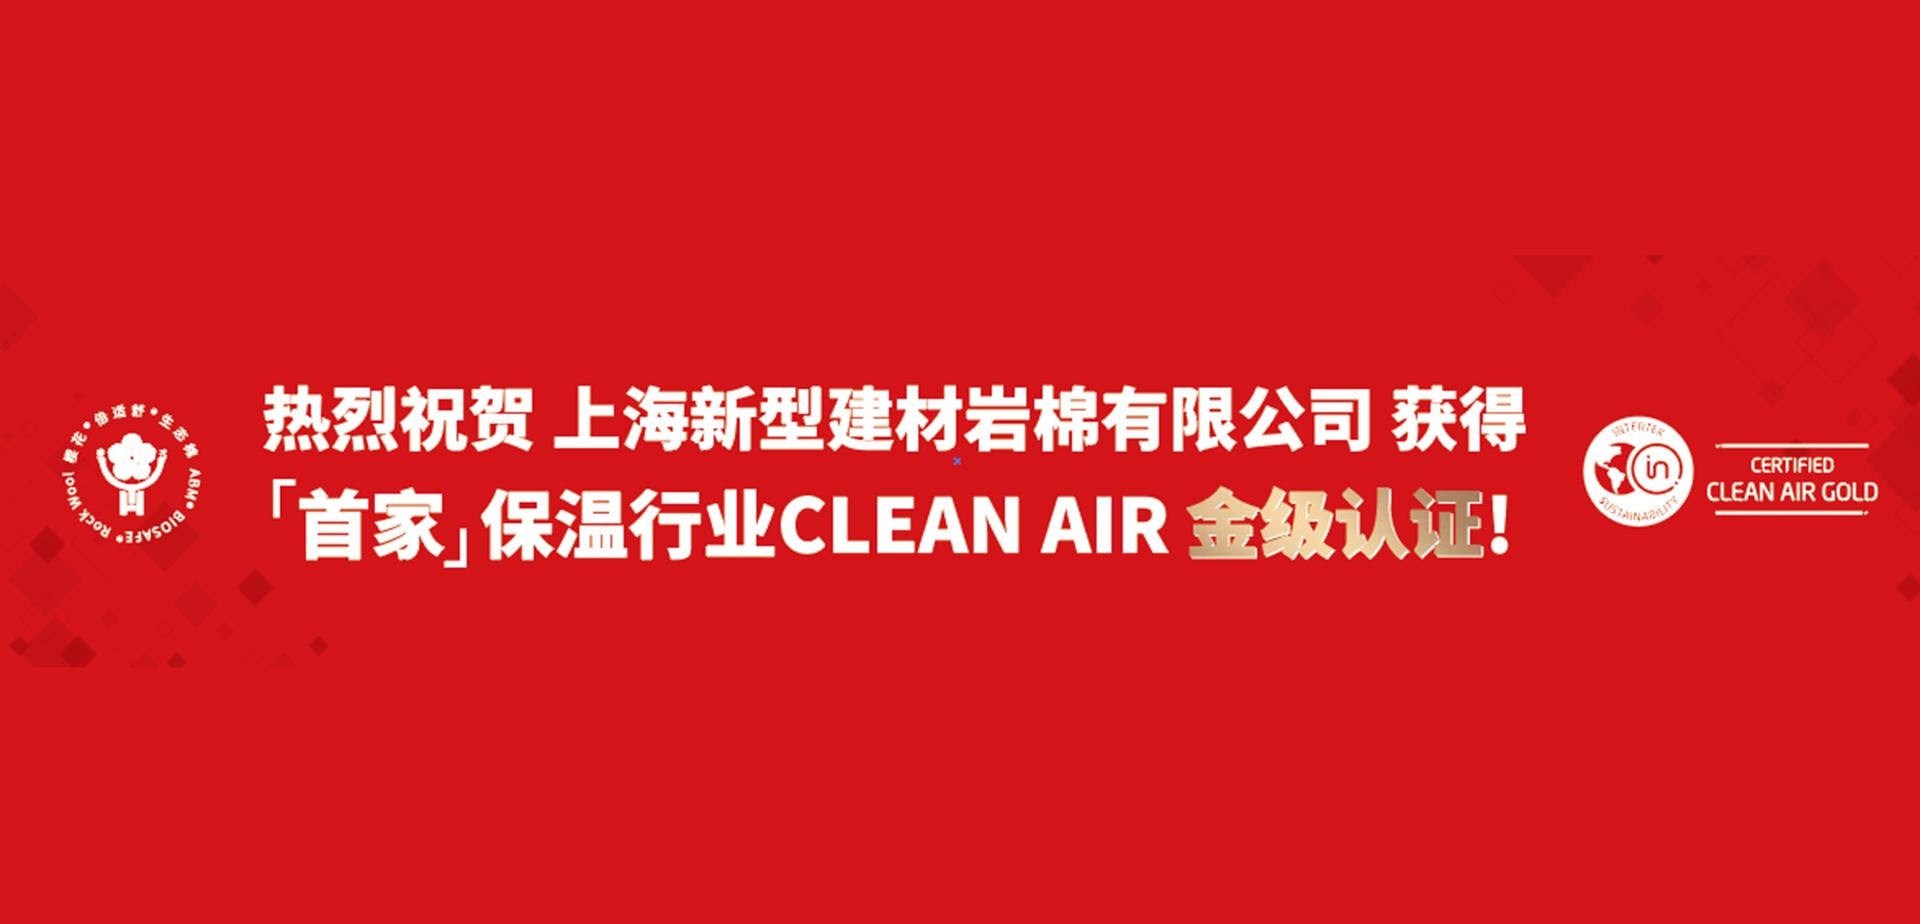 樱花®倍适舒®生态棉荣获Clean Air 金级认证